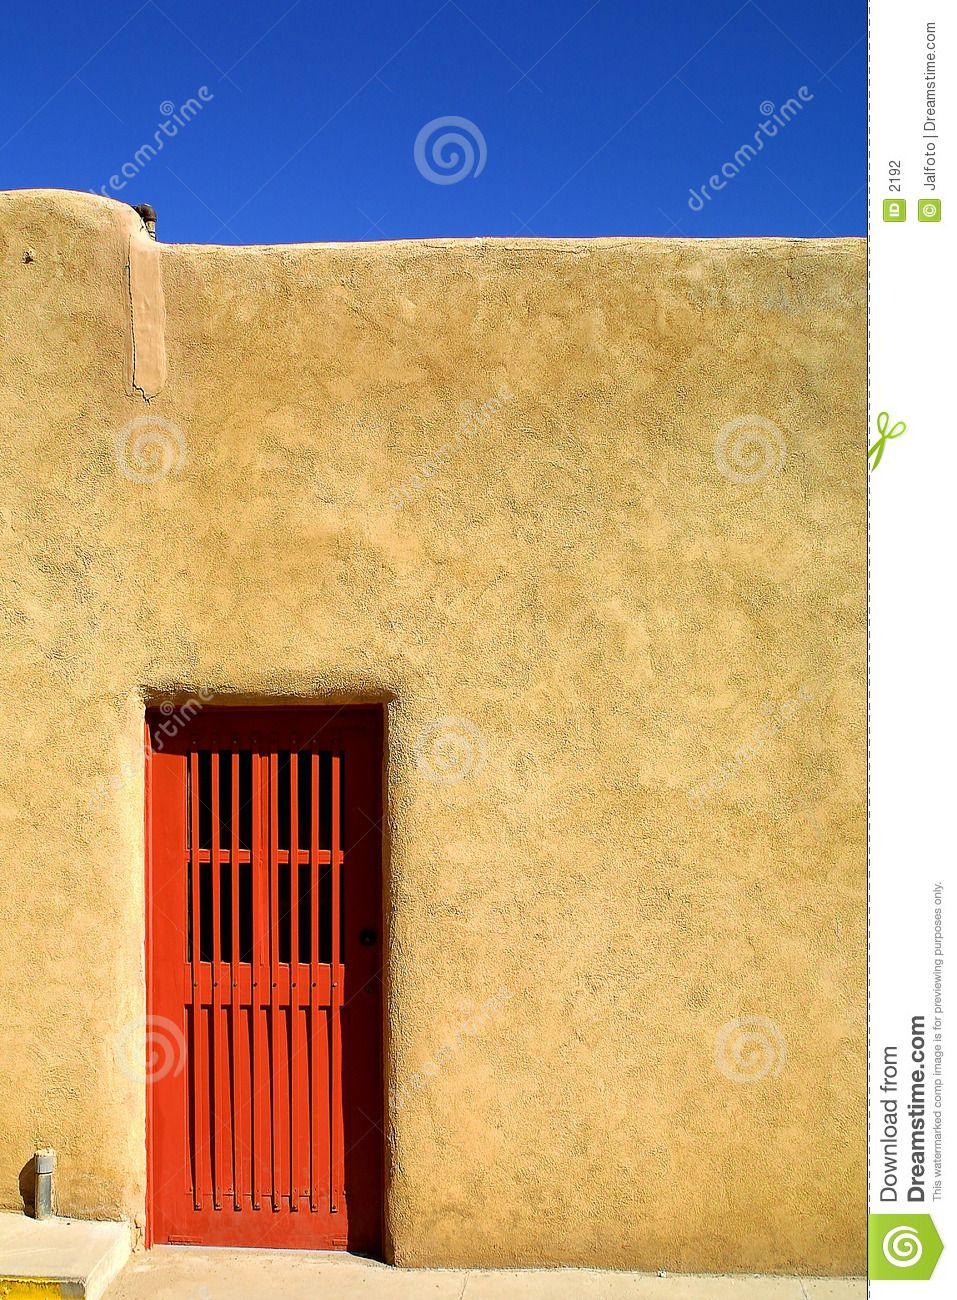 Doors ON ADOBE HOUSES | Red door of Adobe house | OAKWOOD FLOWER ...